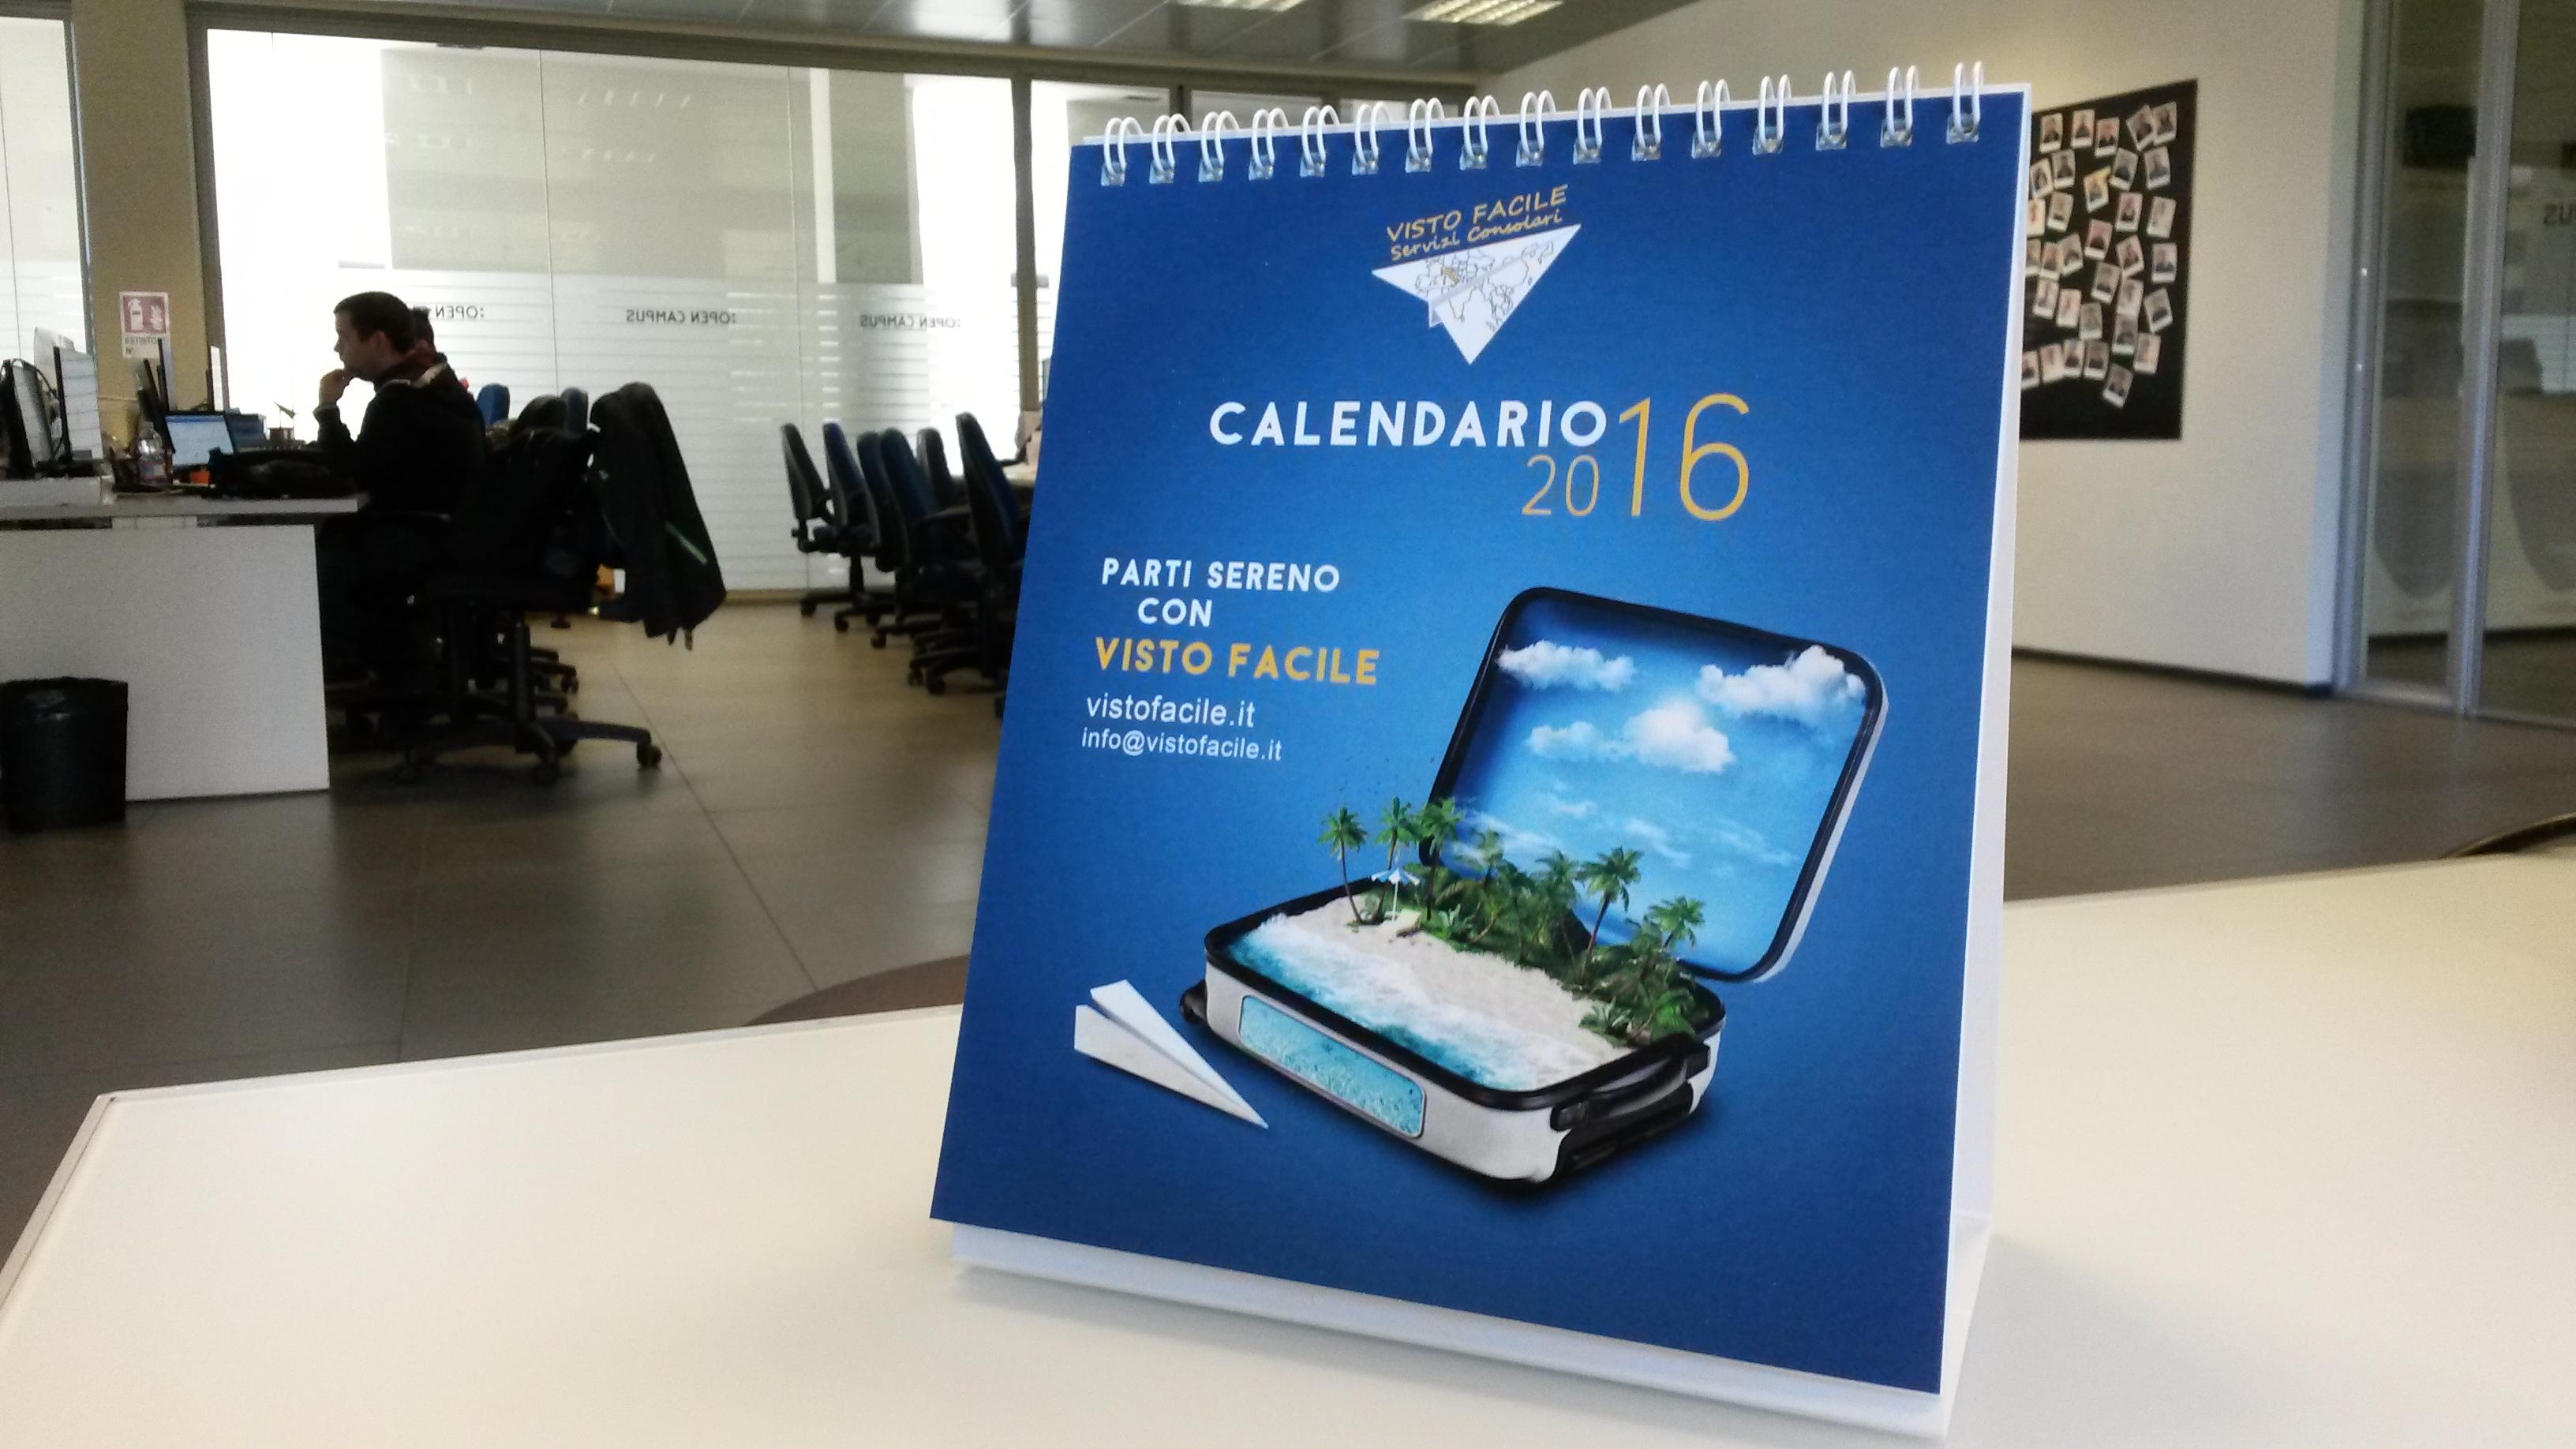 calendario aziendale visto facile merchandising viaggi servizi consolari